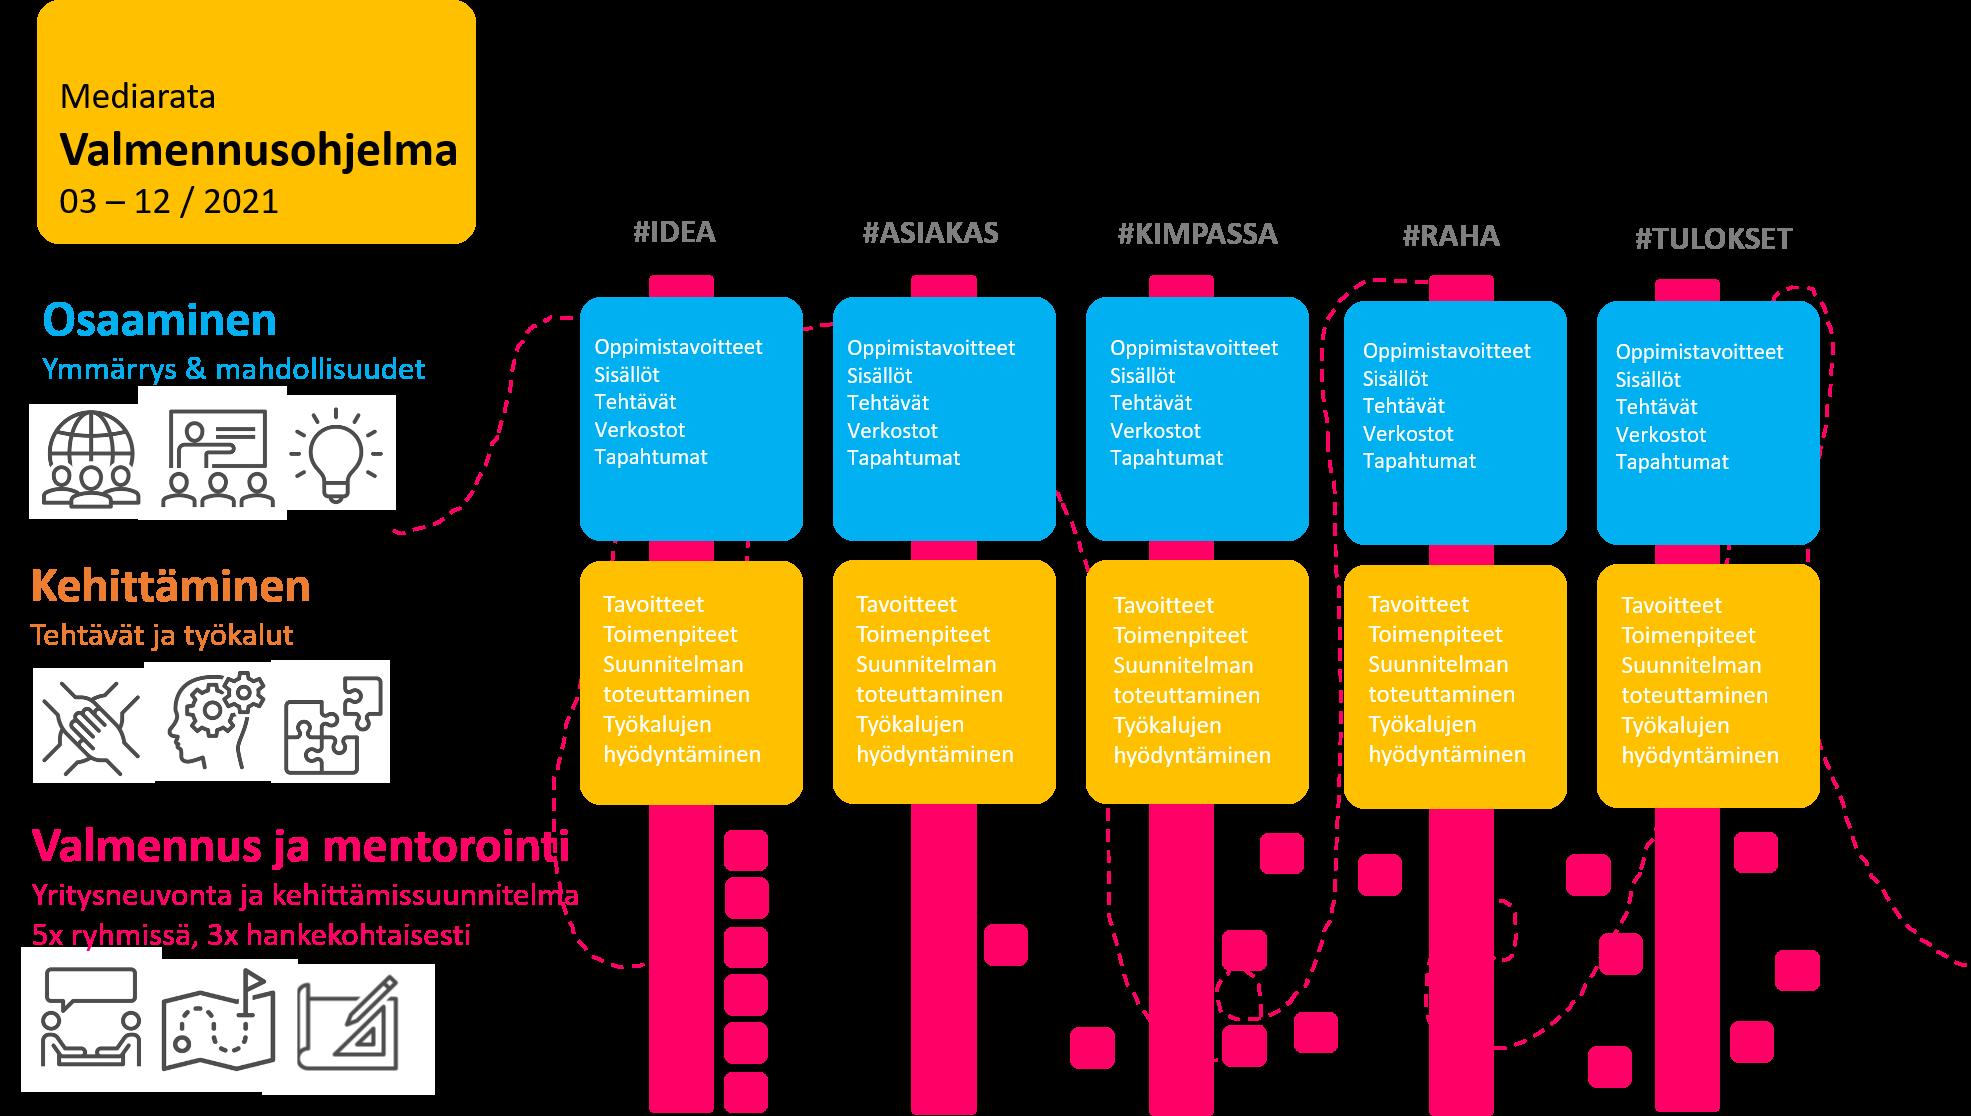 Kuvio, Creve Mediarata-valmennusohjelman runko. Valmennusohjelma sisältää viisi aiheteemaa, joita käsitellään kolmella palvelutasolla: ryhmävalmennuksissa osaamisen kehittämisen kautta, tarjoamalla työkaluja ja menetelmiä aiheen kehittämiseksi liiketoiminnassa sekä ryhmä- ja yrityskohtaiset mentorointitapaamiset osallistujille.